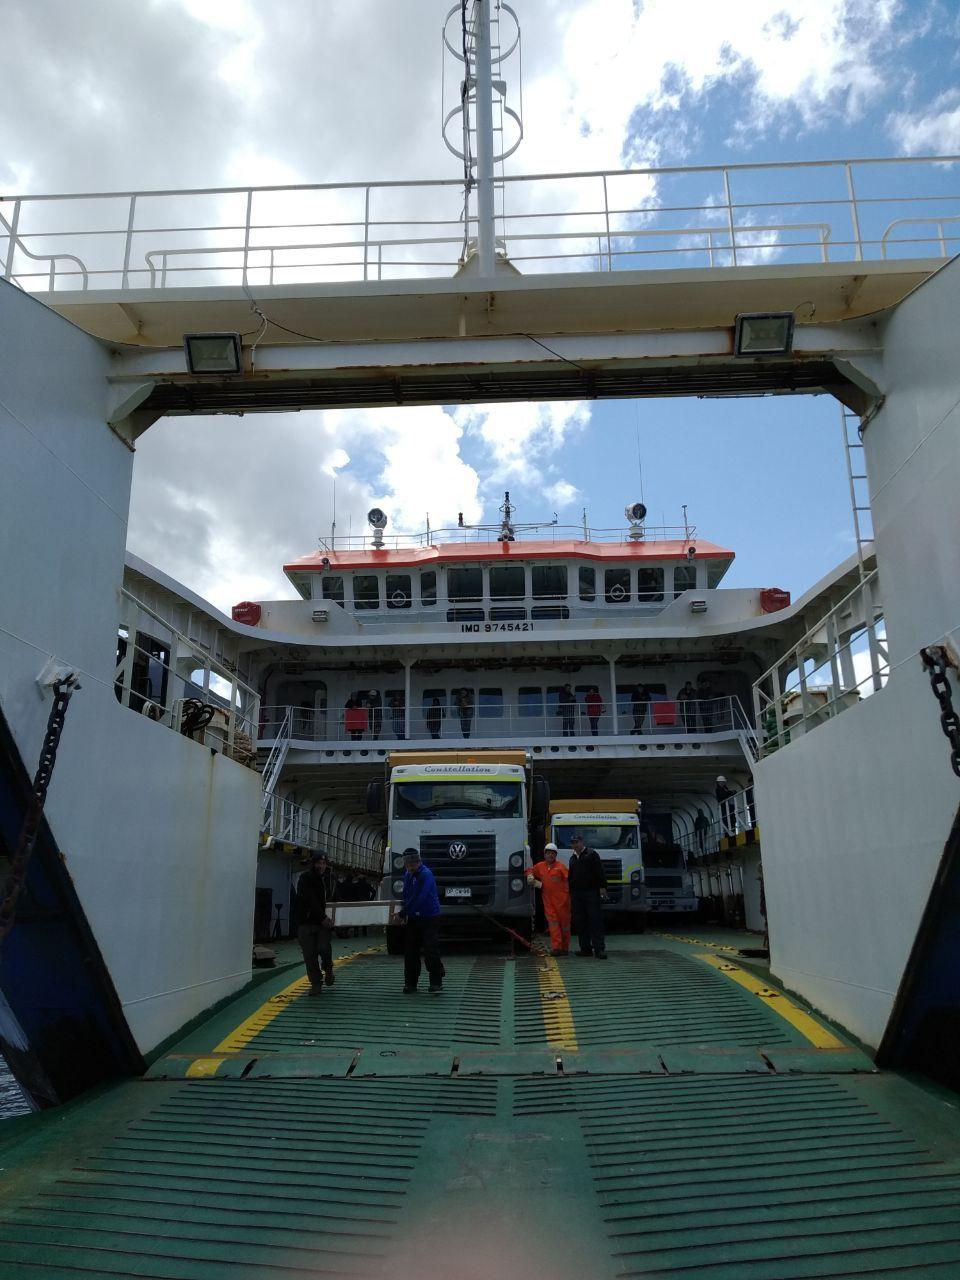 El barco que nos llevaría a puerto chacabuco cargado con dos trailers